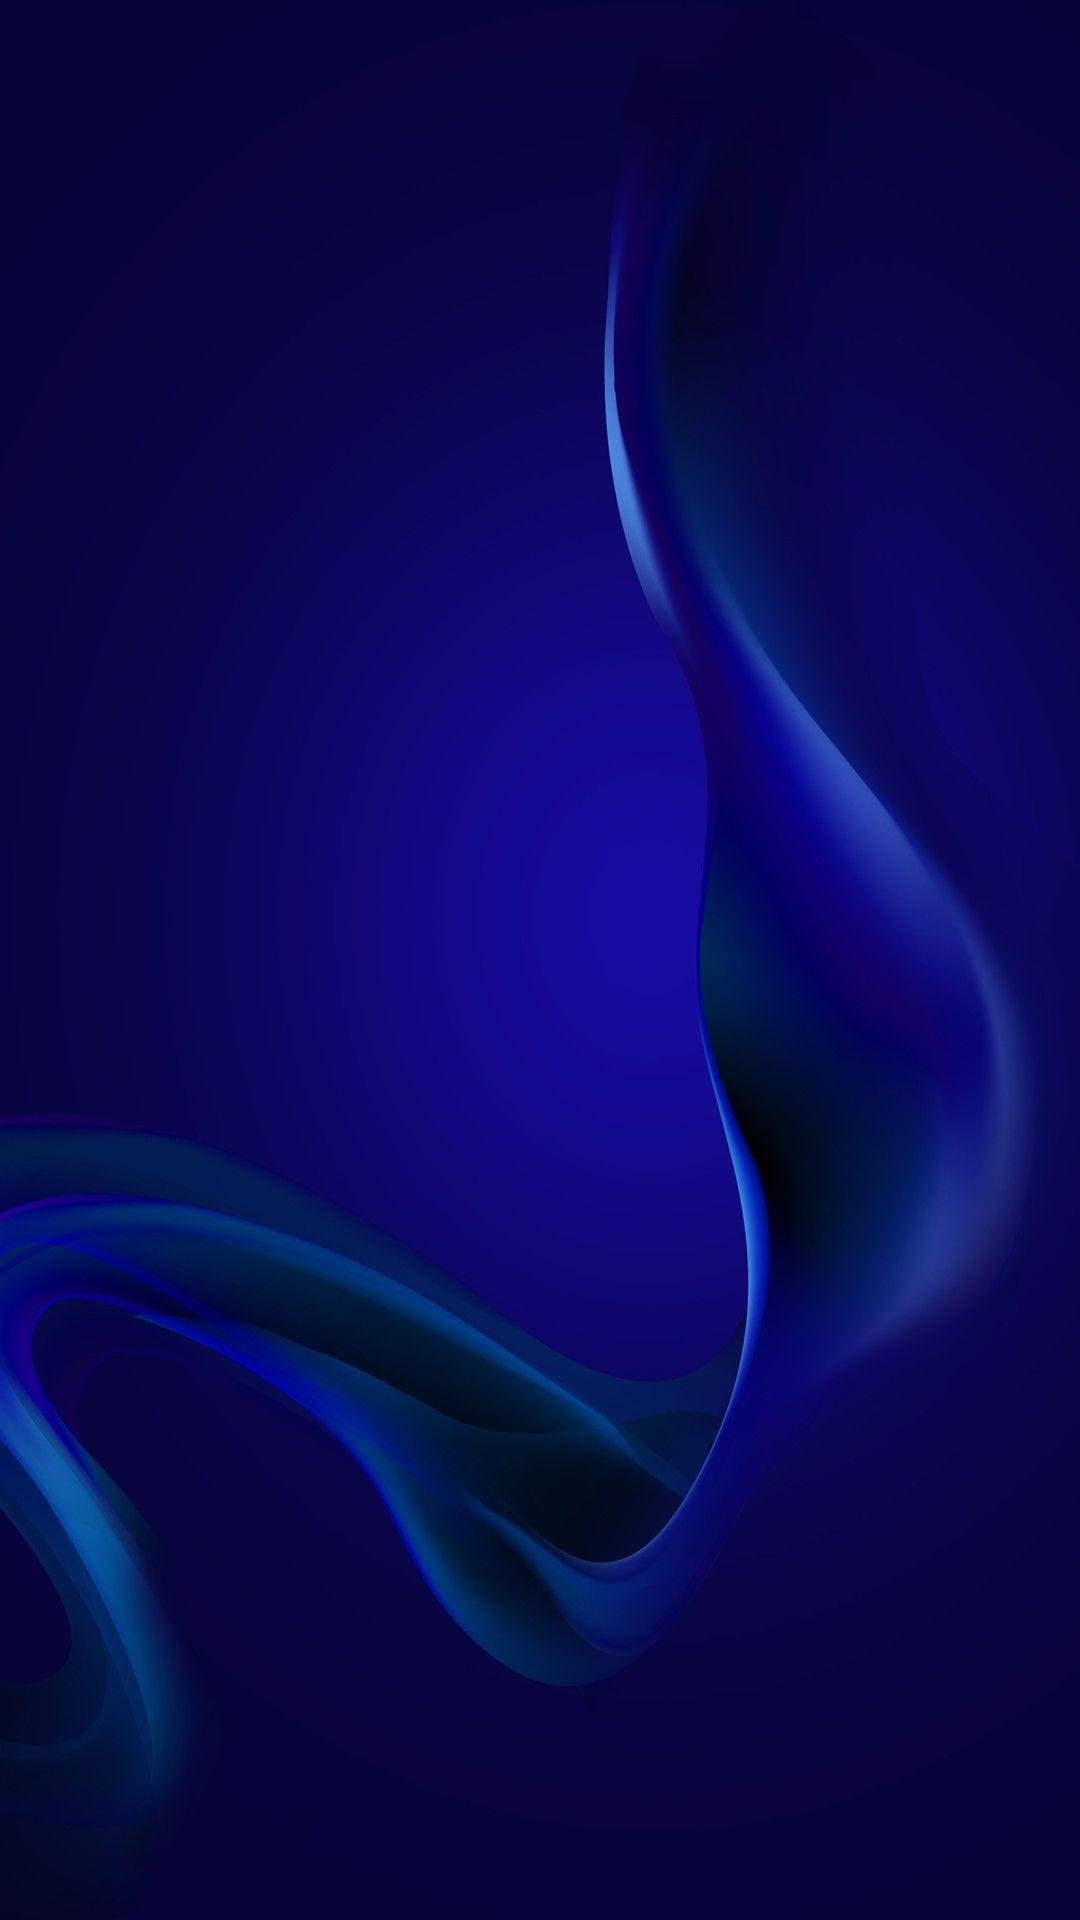 Pin Di Raffaele Merola Su Blu Cose Blu Sfondi Blu E Sfumature Di Blu